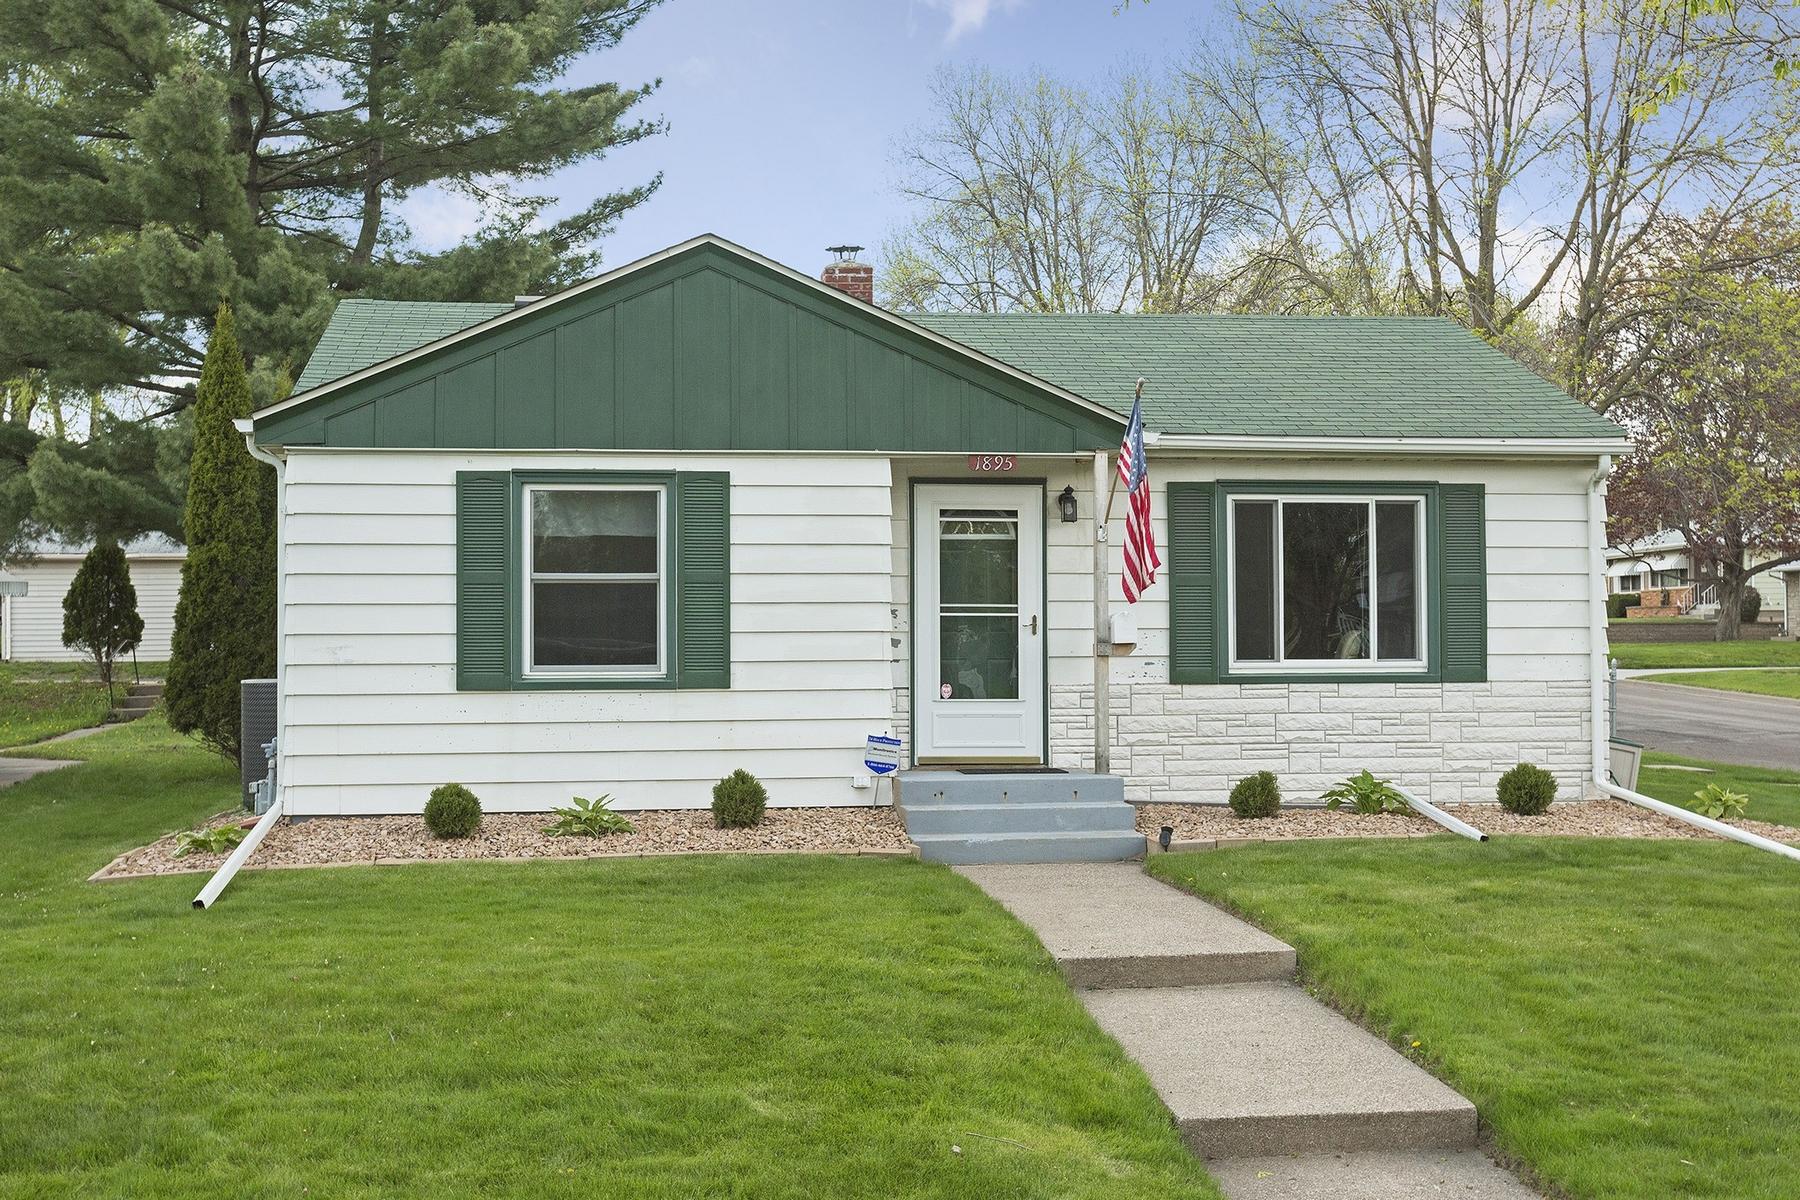 独户住宅 为 销售 在 1895 Iowa Avenue E Greater East Side, 圣保罗, 明尼苏达州, 55119 美国